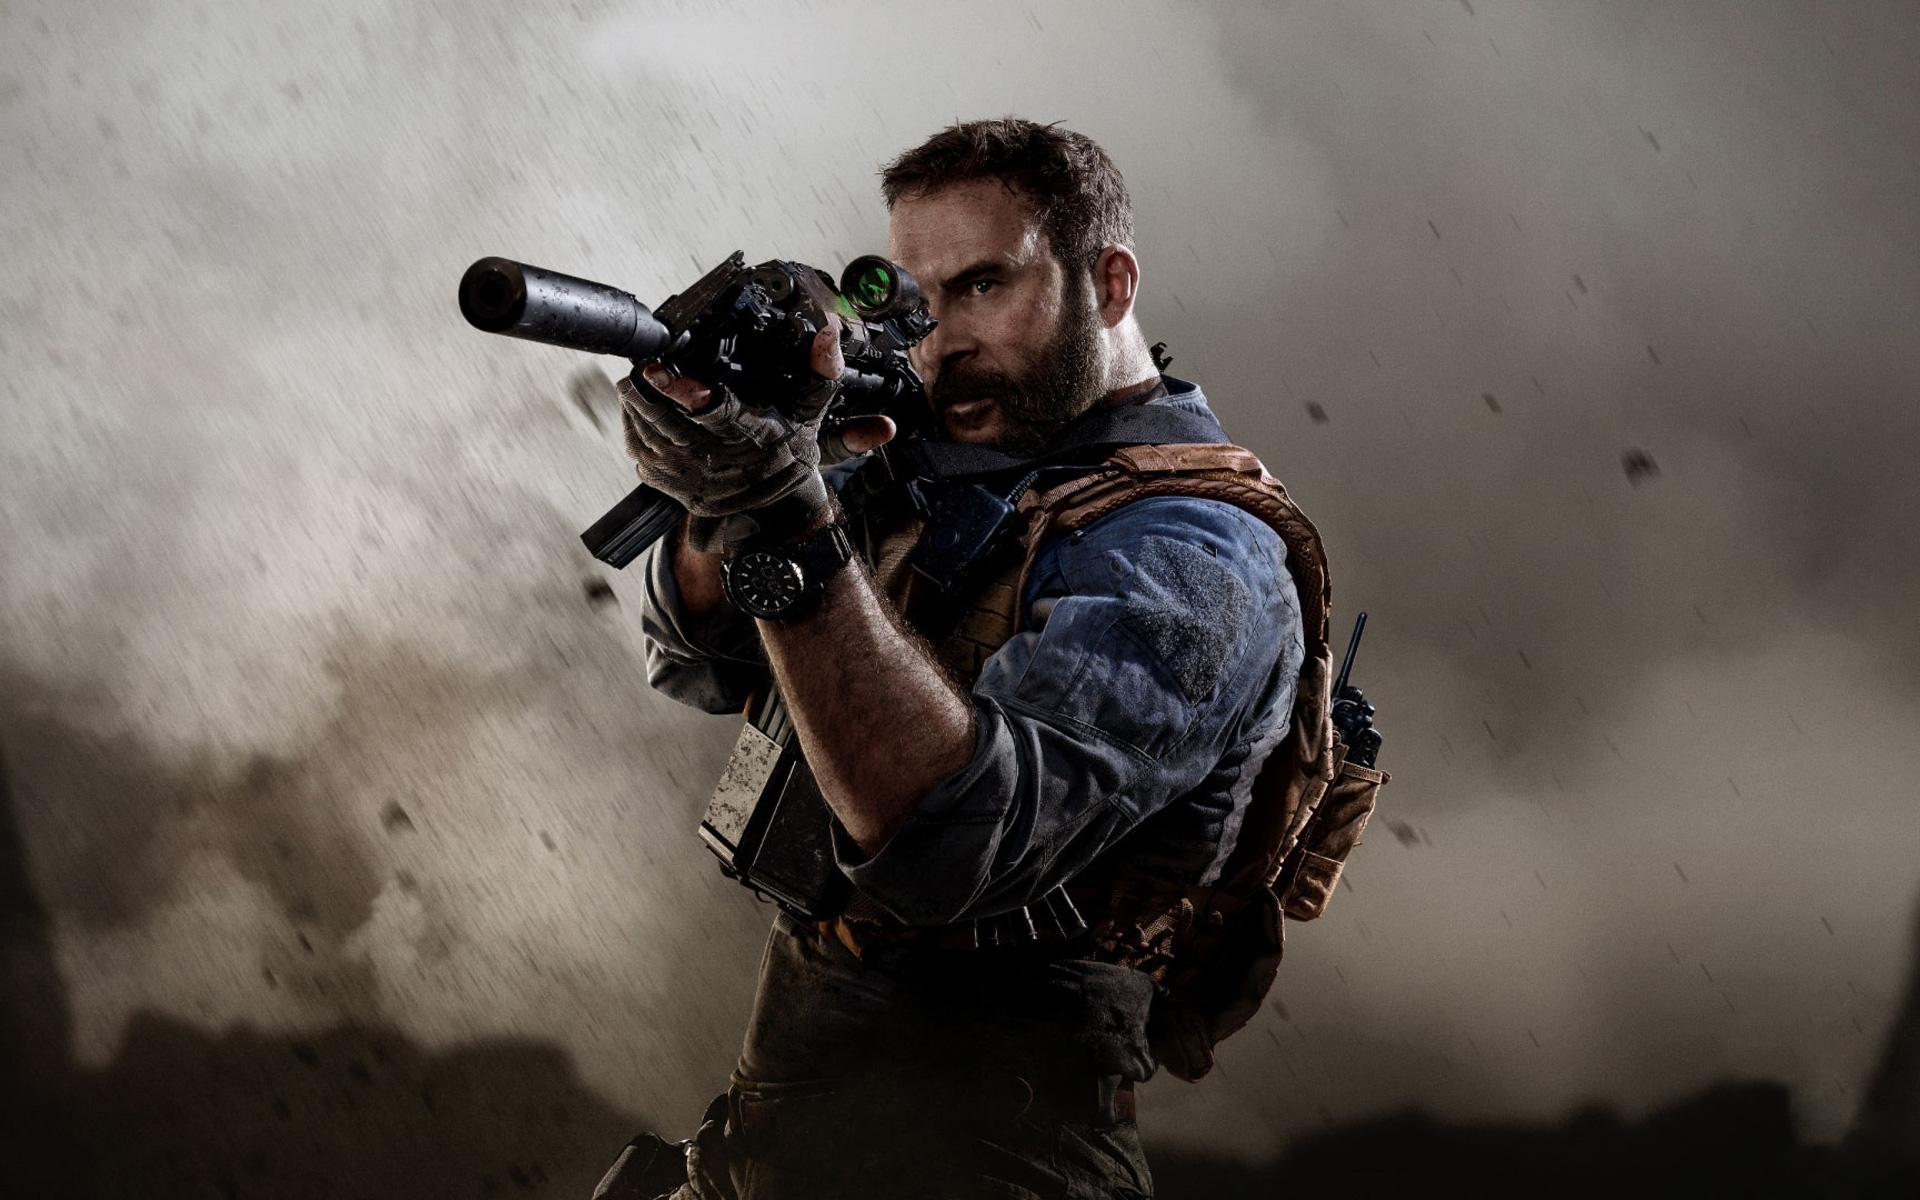 Free Call of Duty: Modern Warfare (2019) Wallpaper in 1920x1200